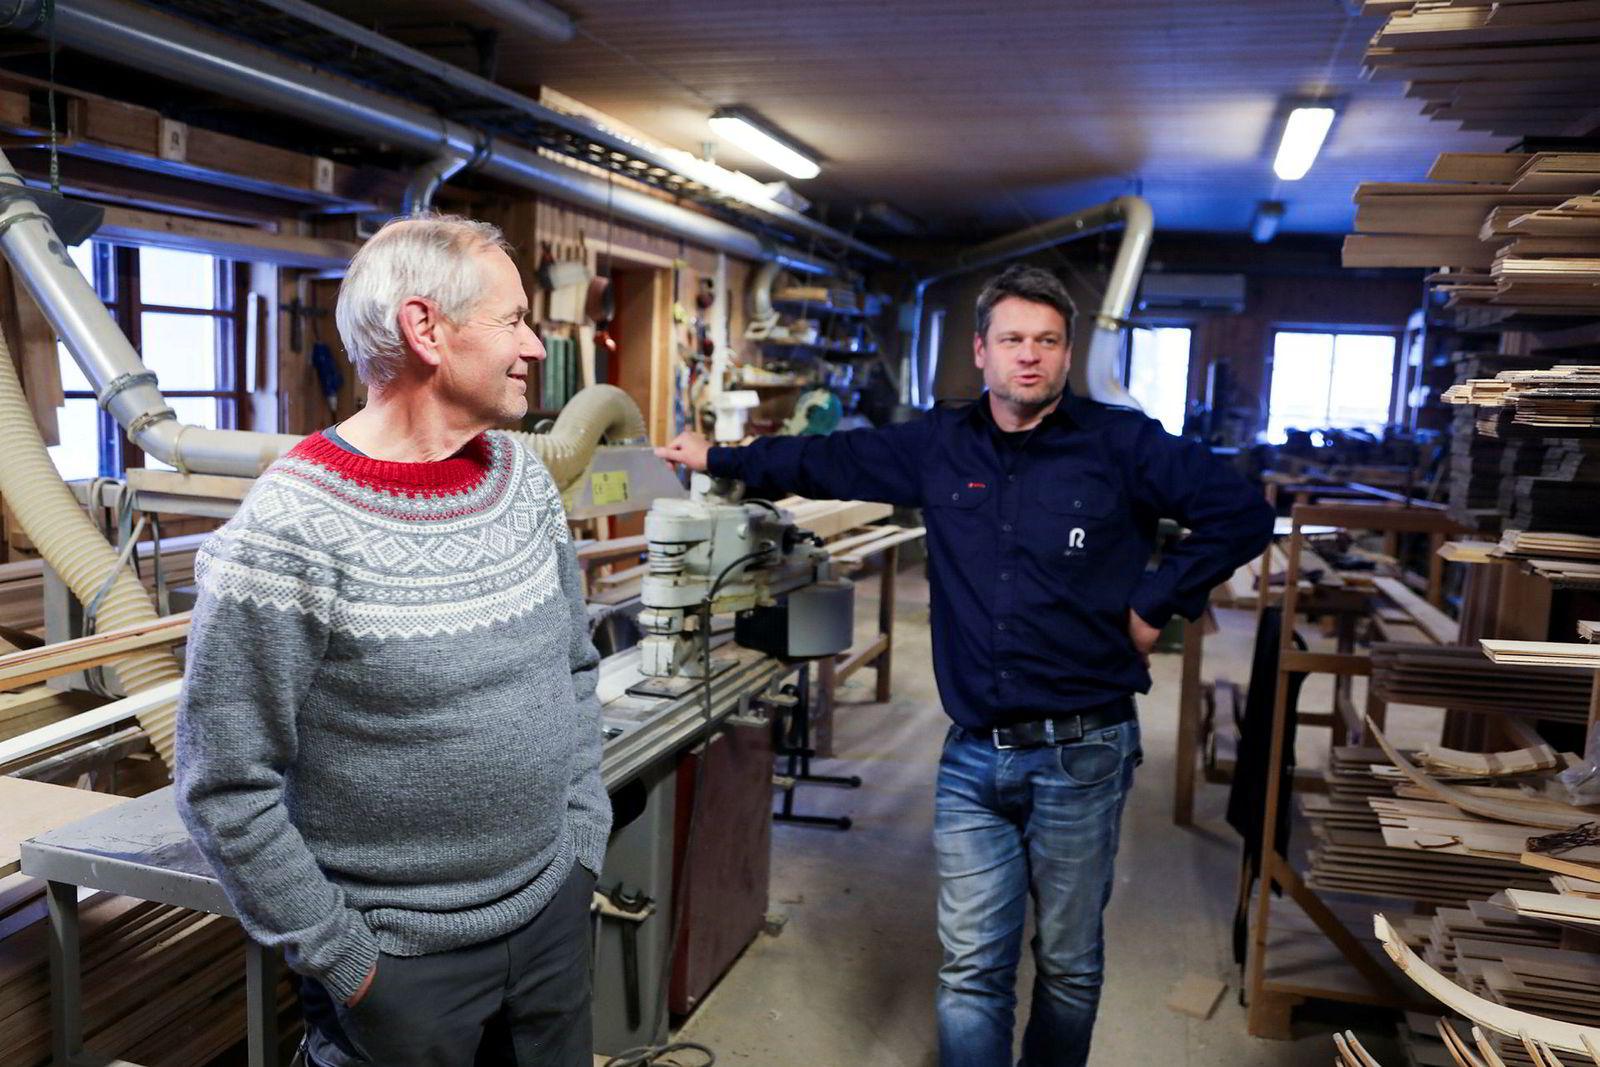 Treskimaker Ulf Rønning har overlatt ansvaret for Rønning Ski til sin sønn Jonas Rønning. Her er de i verkstedet som har laget tusenvis av ski siden oppstarten midt på 30-tallet.